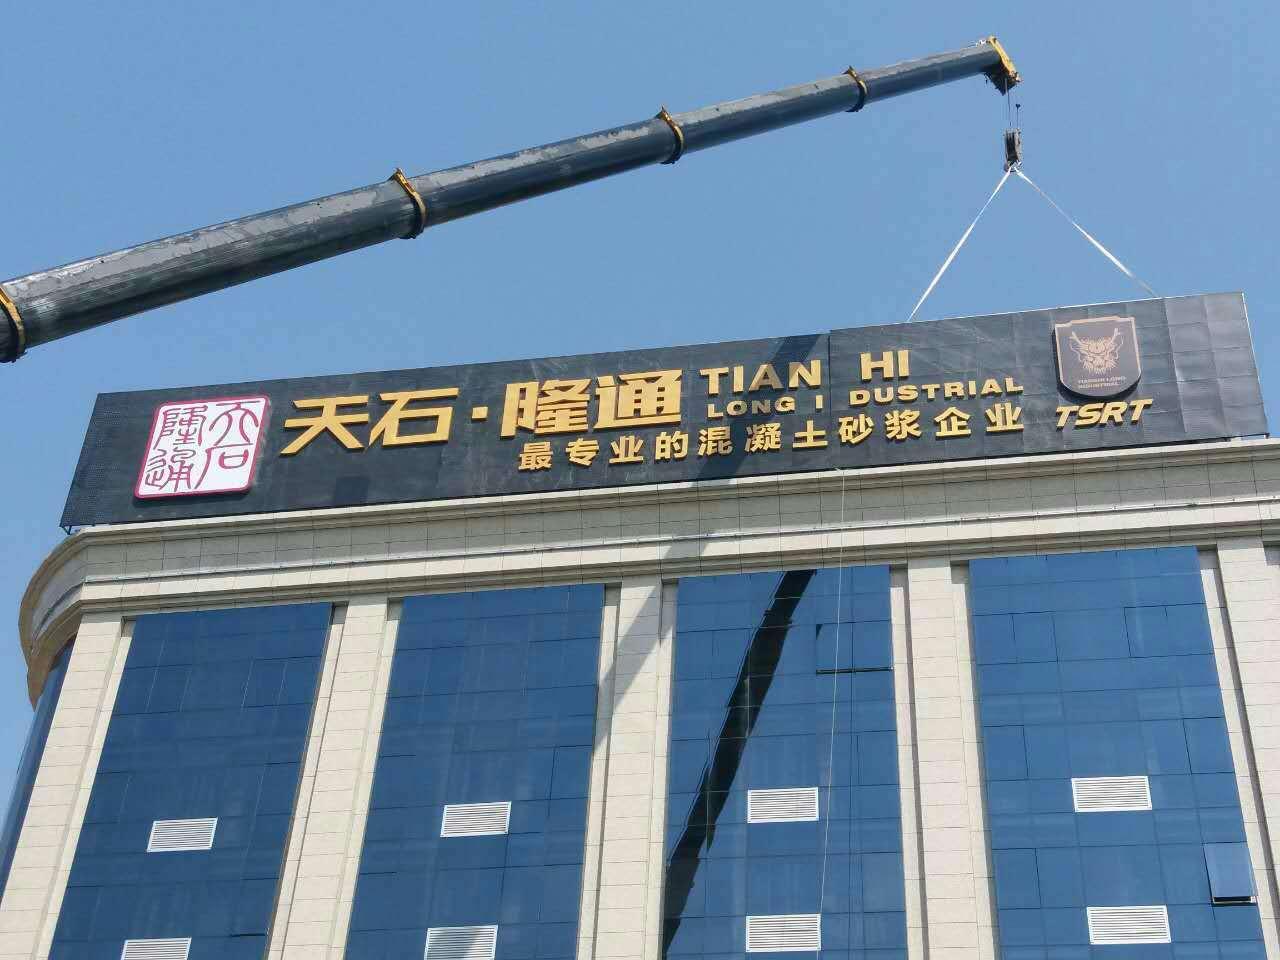 西安天石隆通楼顶广告牌+亮化